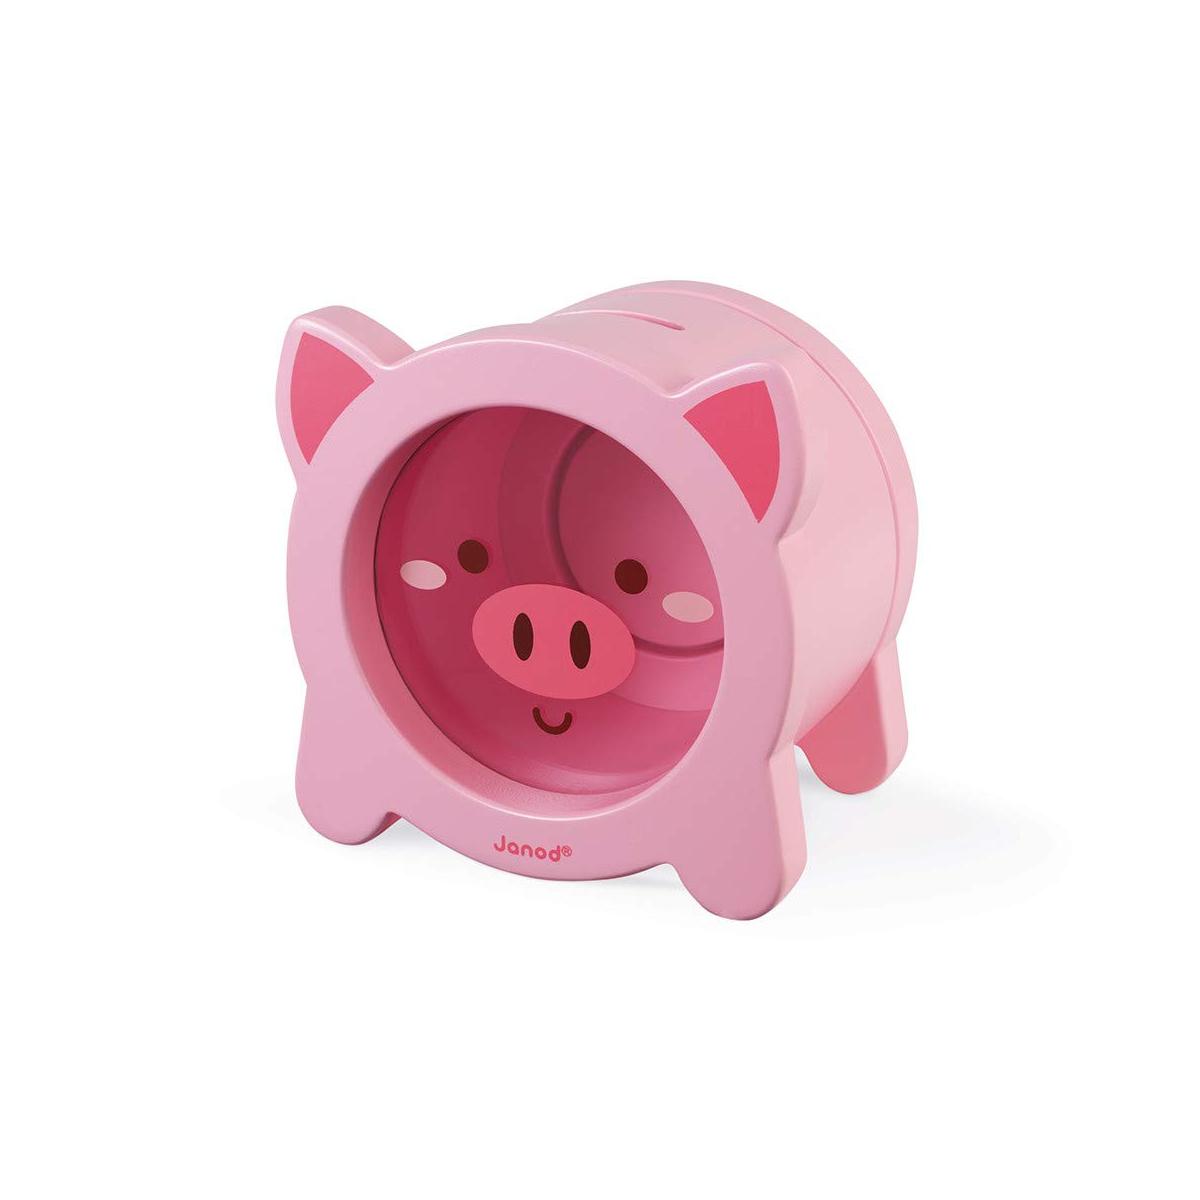 Janod - Tirelire cochon